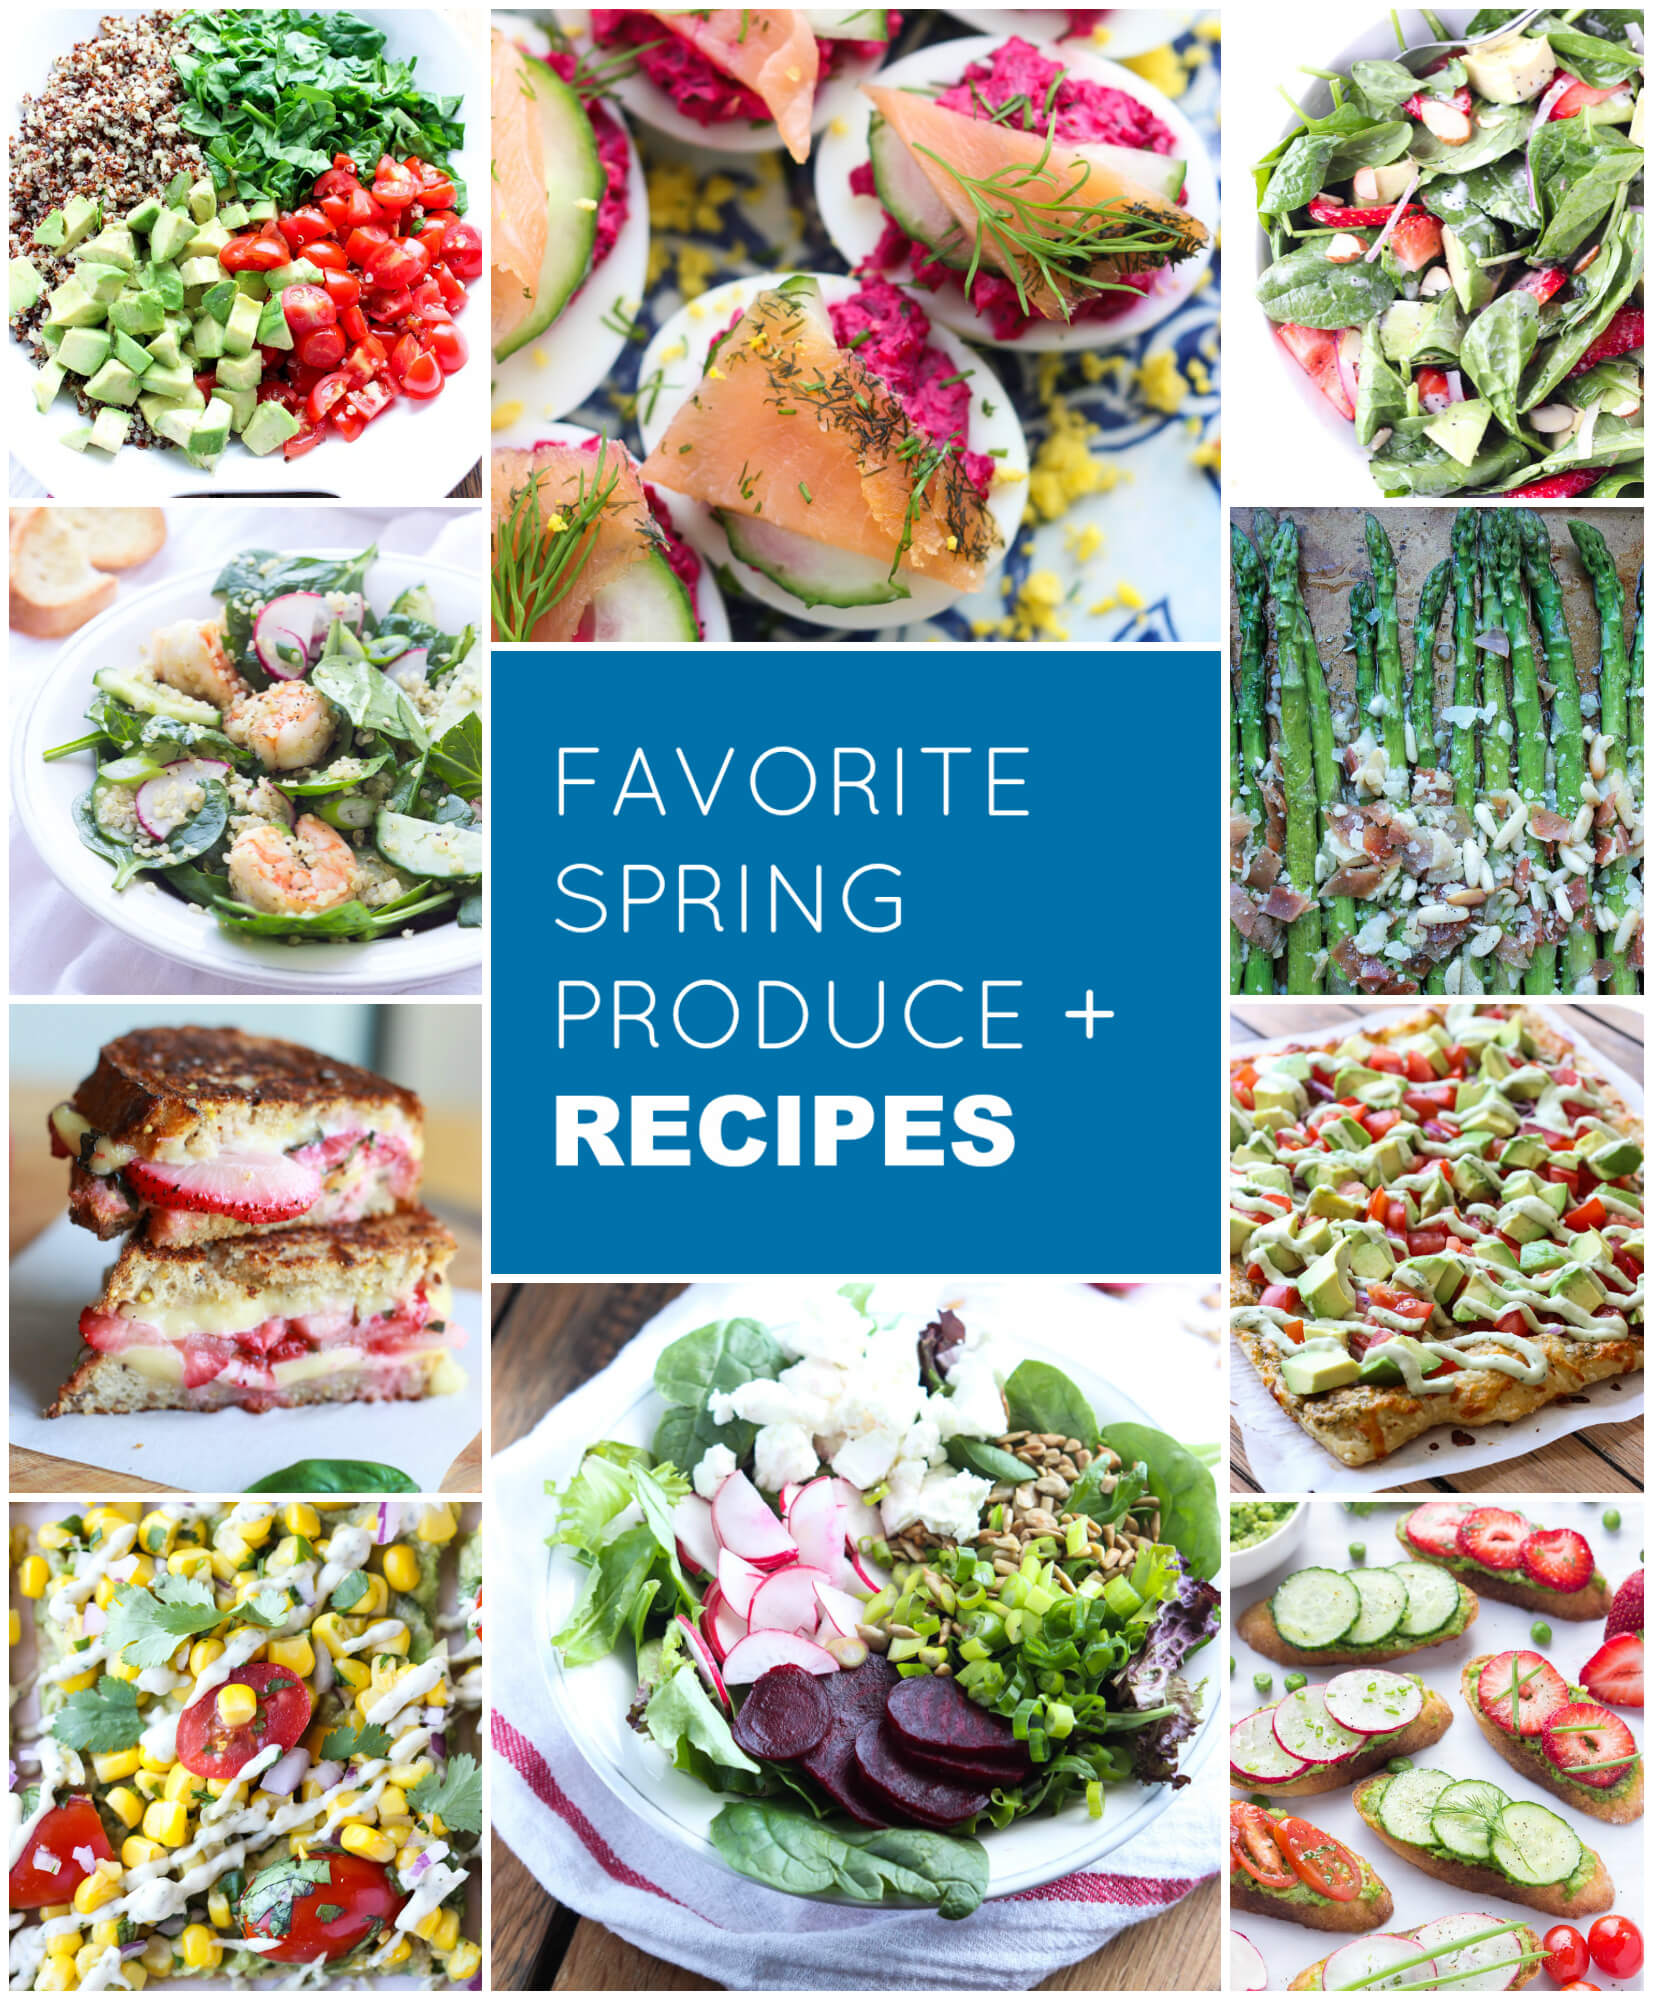 Must have spring produce + recipe ideas | littlebroken.com @littlebroken